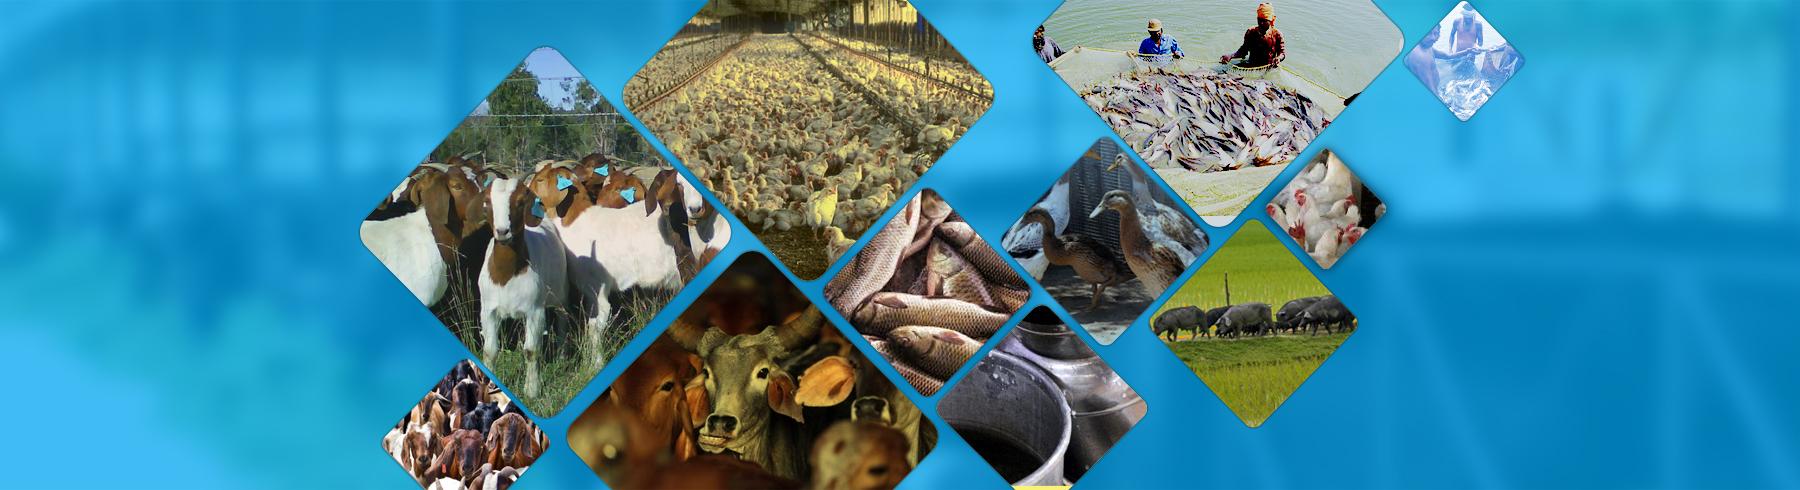 मुख्यमंत्री श्री अखिलेश यादव ने दुग्ध विकास विभाग तथा पशुधन विभाग के कार्यों की समीक्षा की